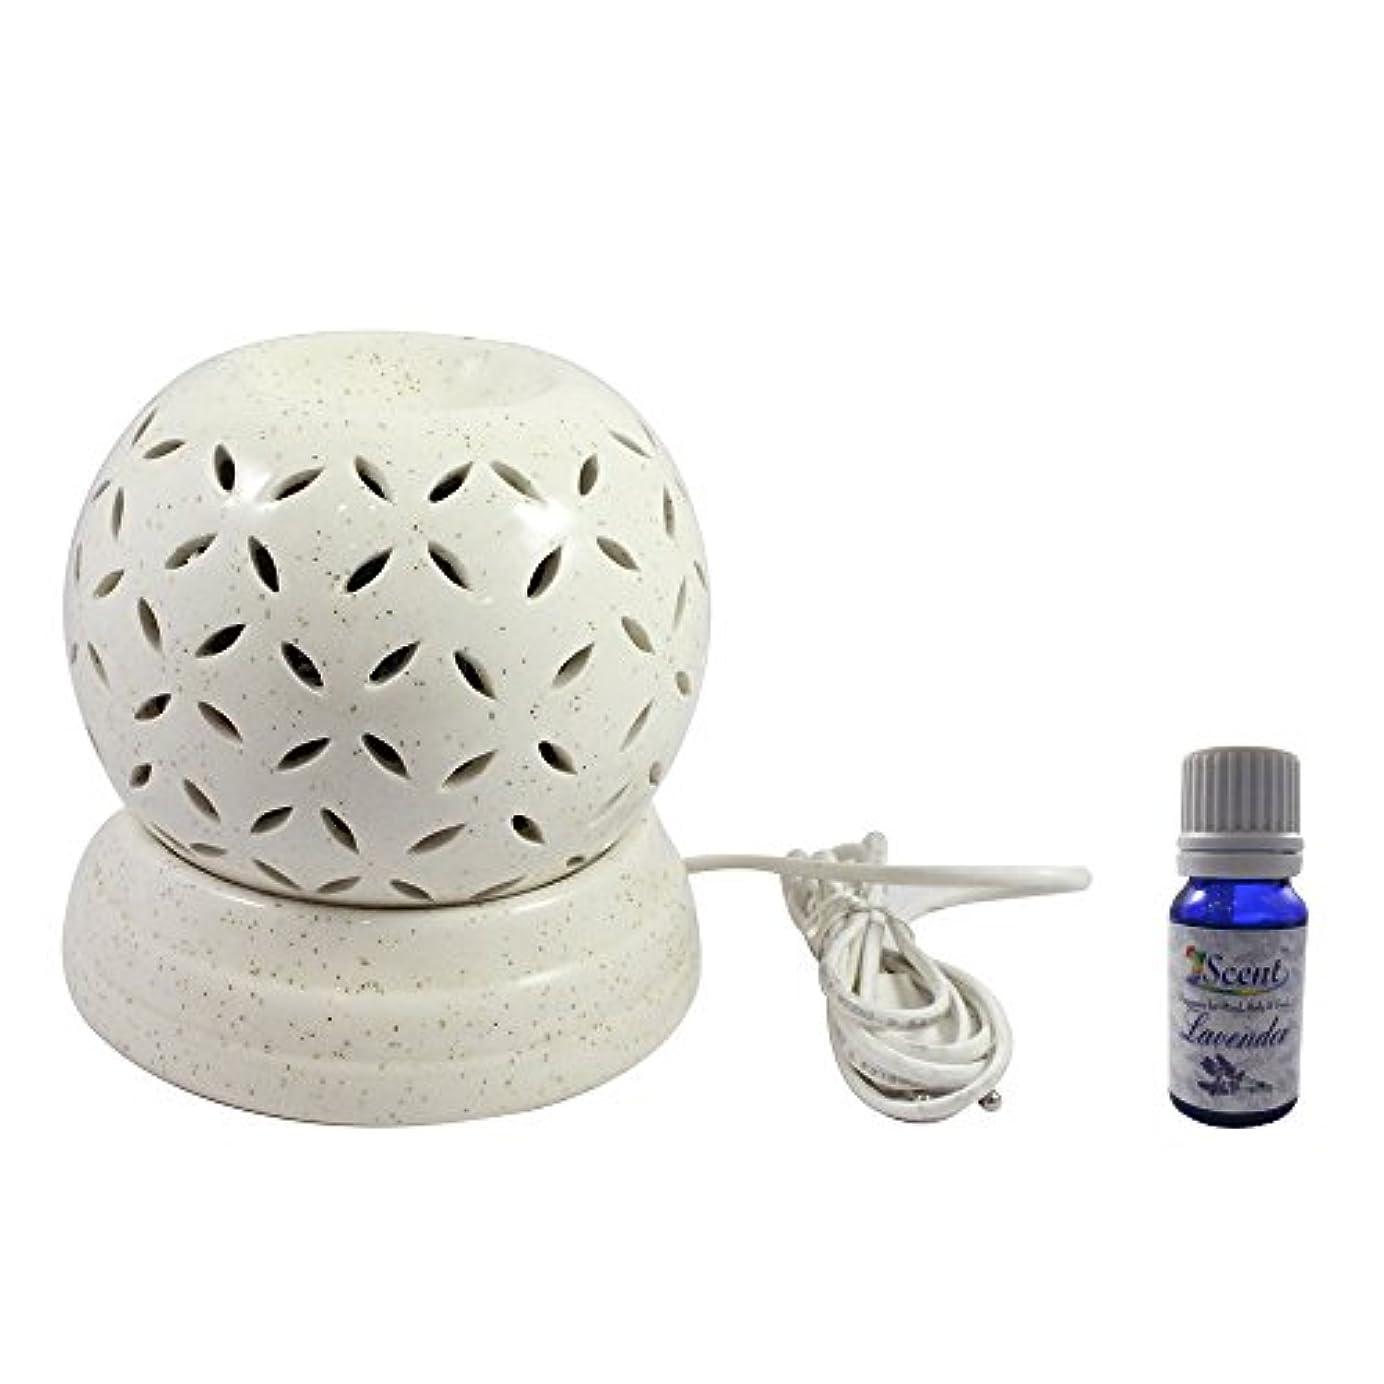 聴覚障害者与える取得する家庭装飾定期的に使用する汚染されていない手作りセラミックエスニック電気アロマディフューザーオイルバーナージャスミンフレグランスオイル|良質白い色の電気アロマテラピー香油暖かい数量1